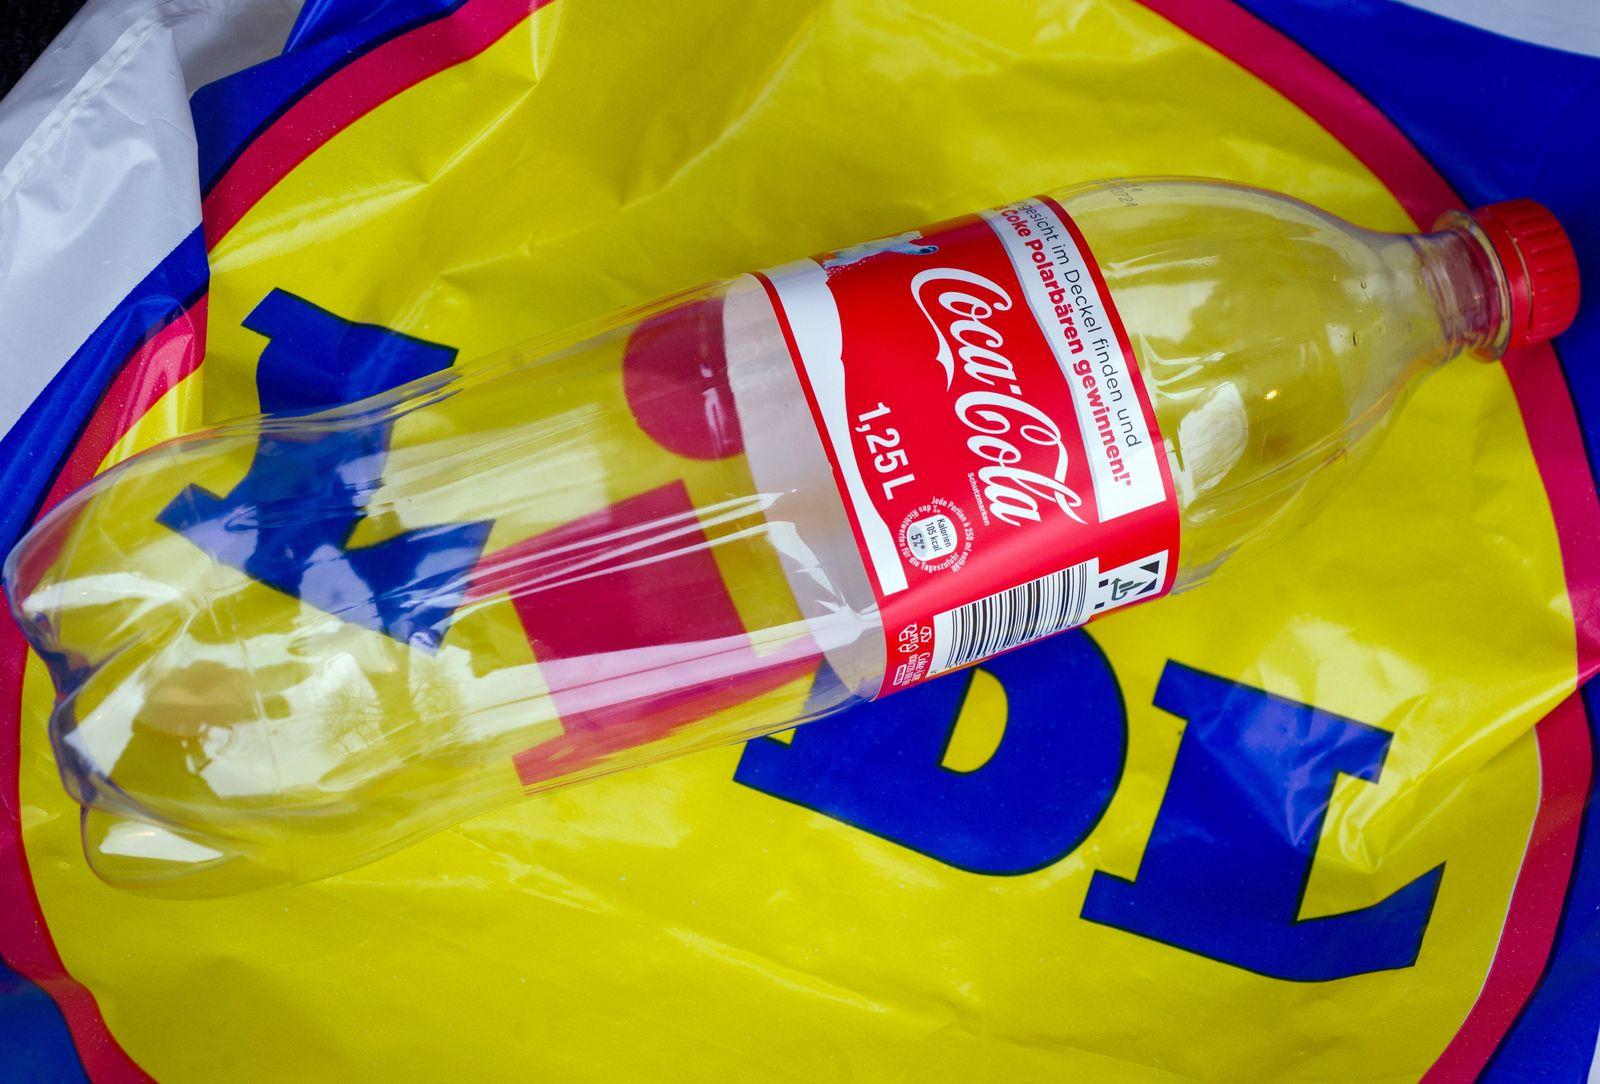 Lidl / Coca-Cola